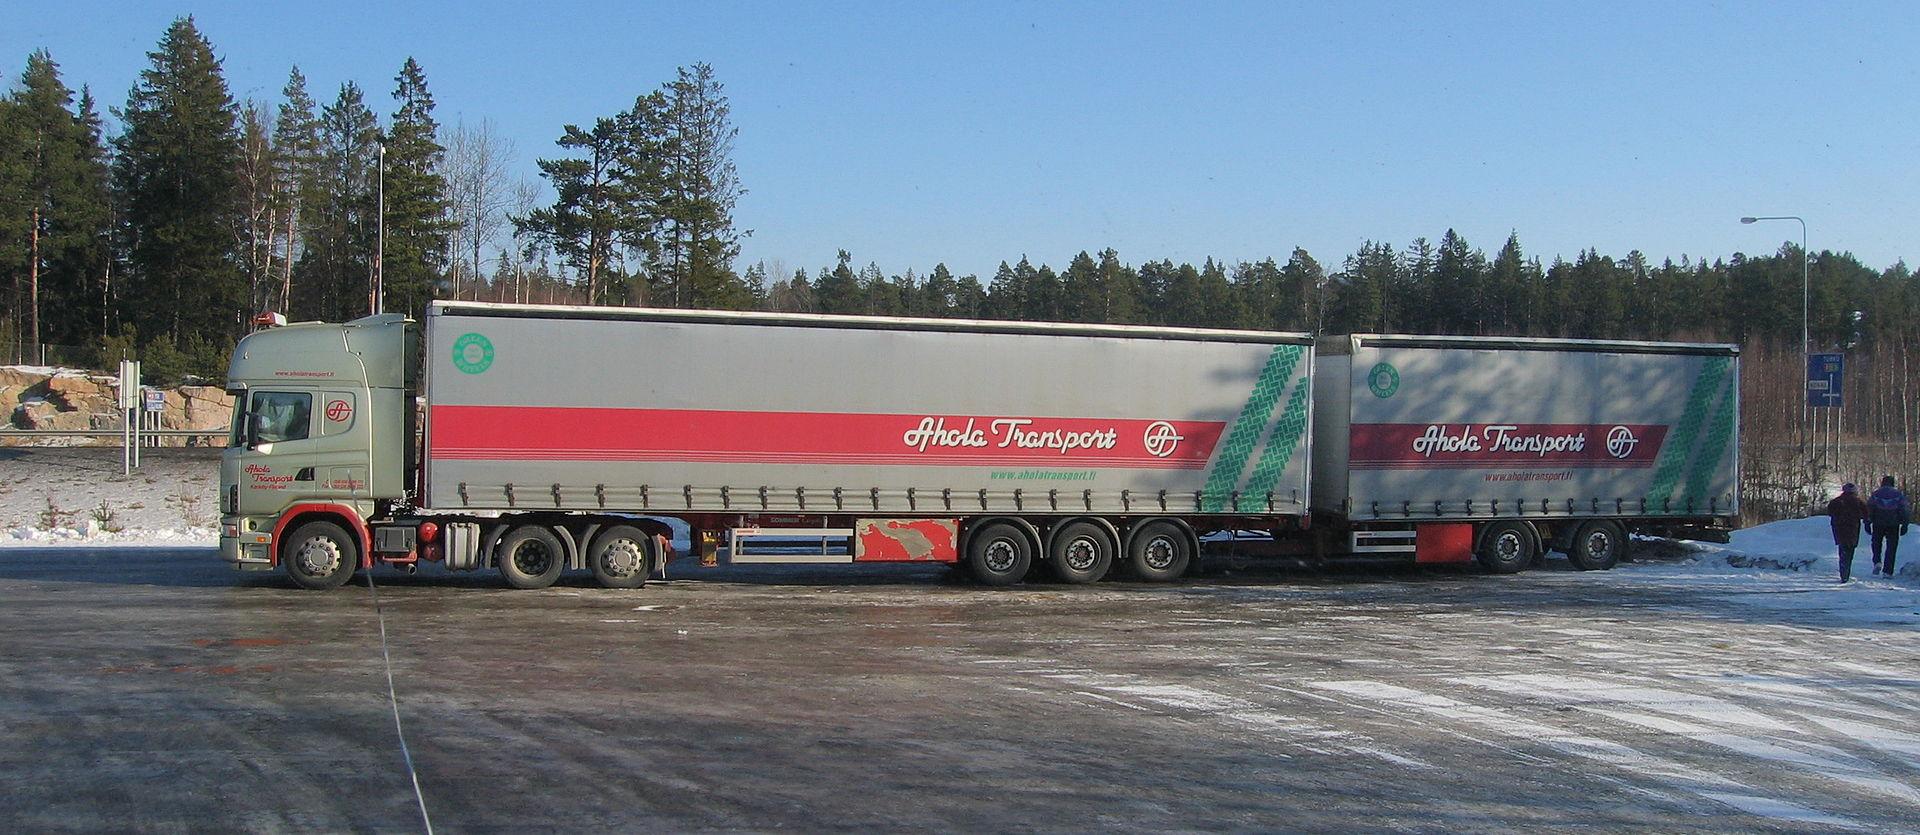 Megaciężarówki pojawią się na drogach Portugalii